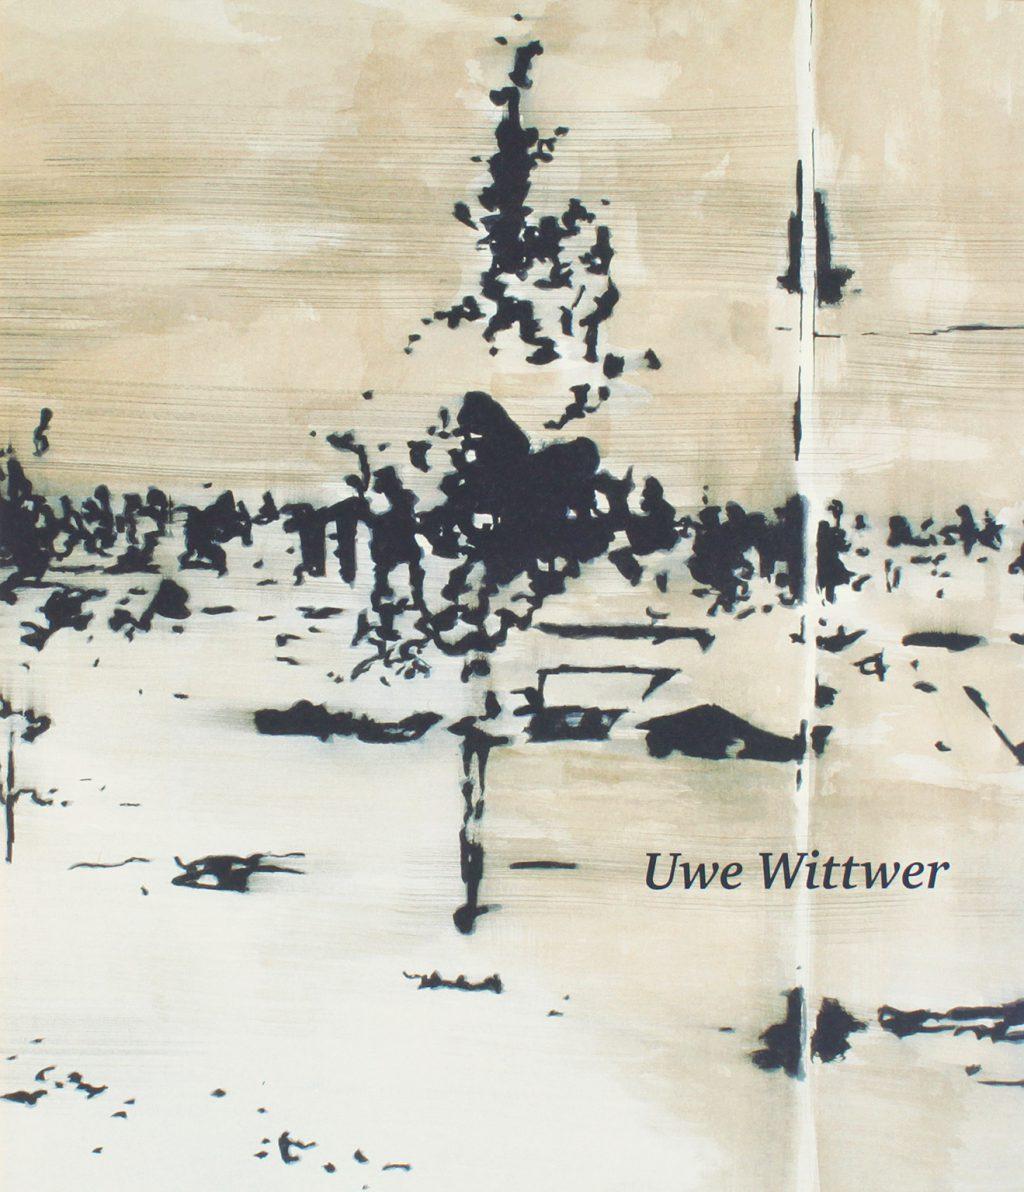 2007 Uwe Wittwer Hail and Snow